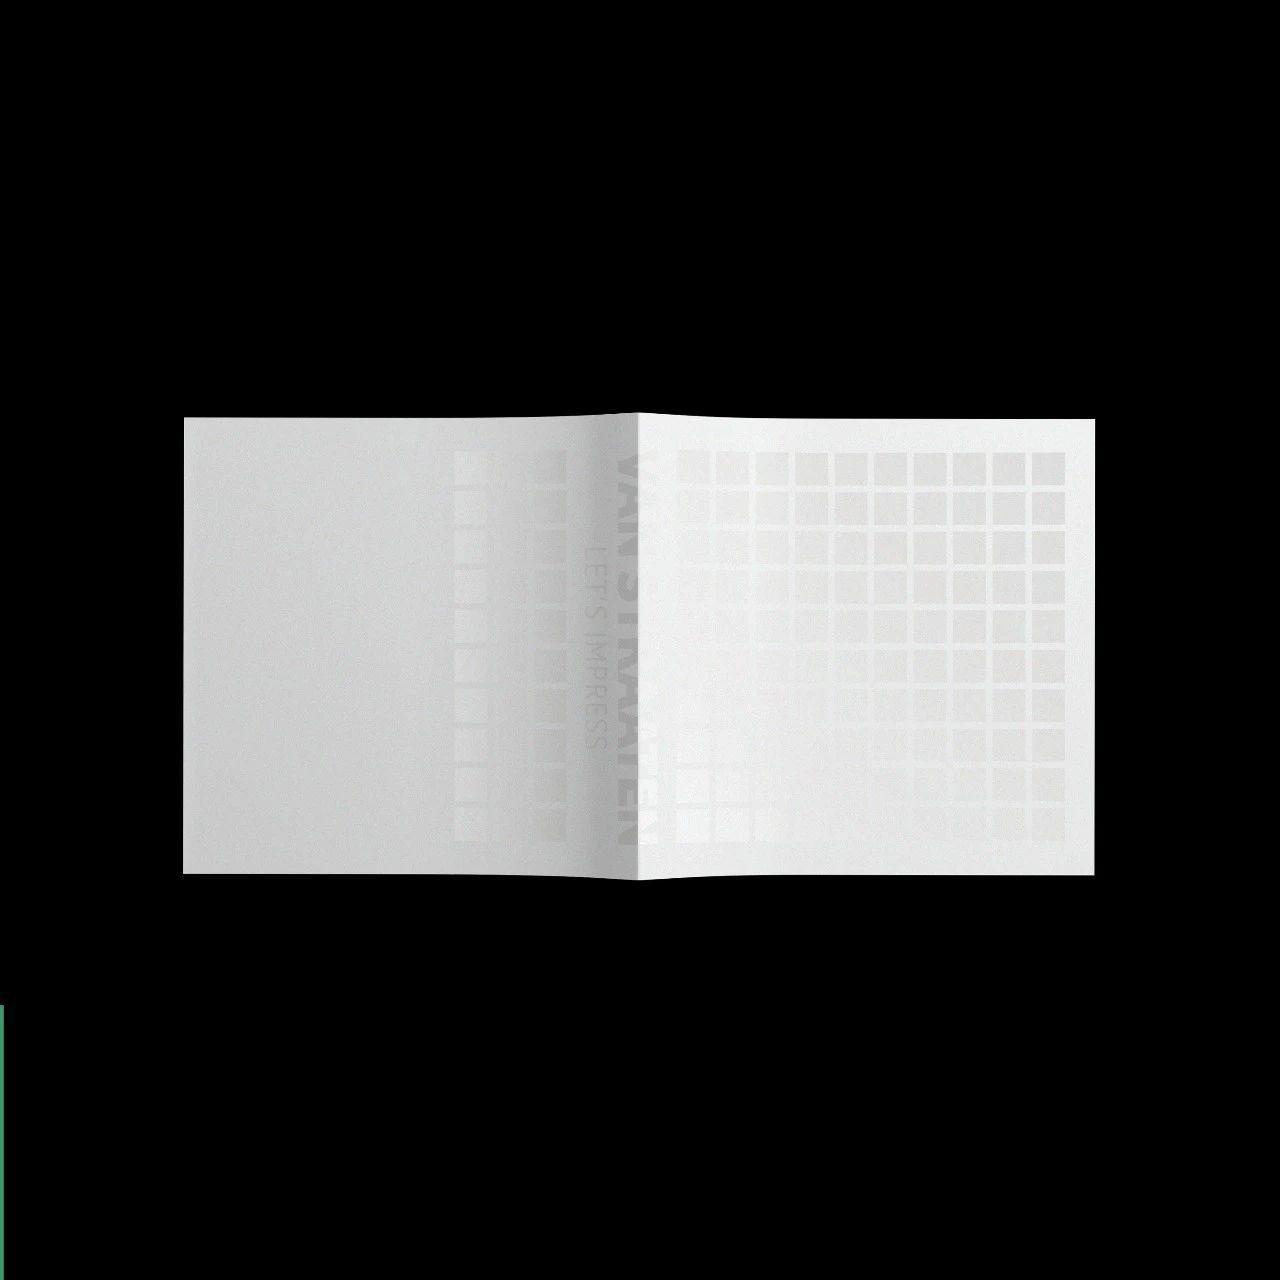 """【GICS行业巡礼】30家""""商业印刷""""行业沪深港上市公司初筛选"""